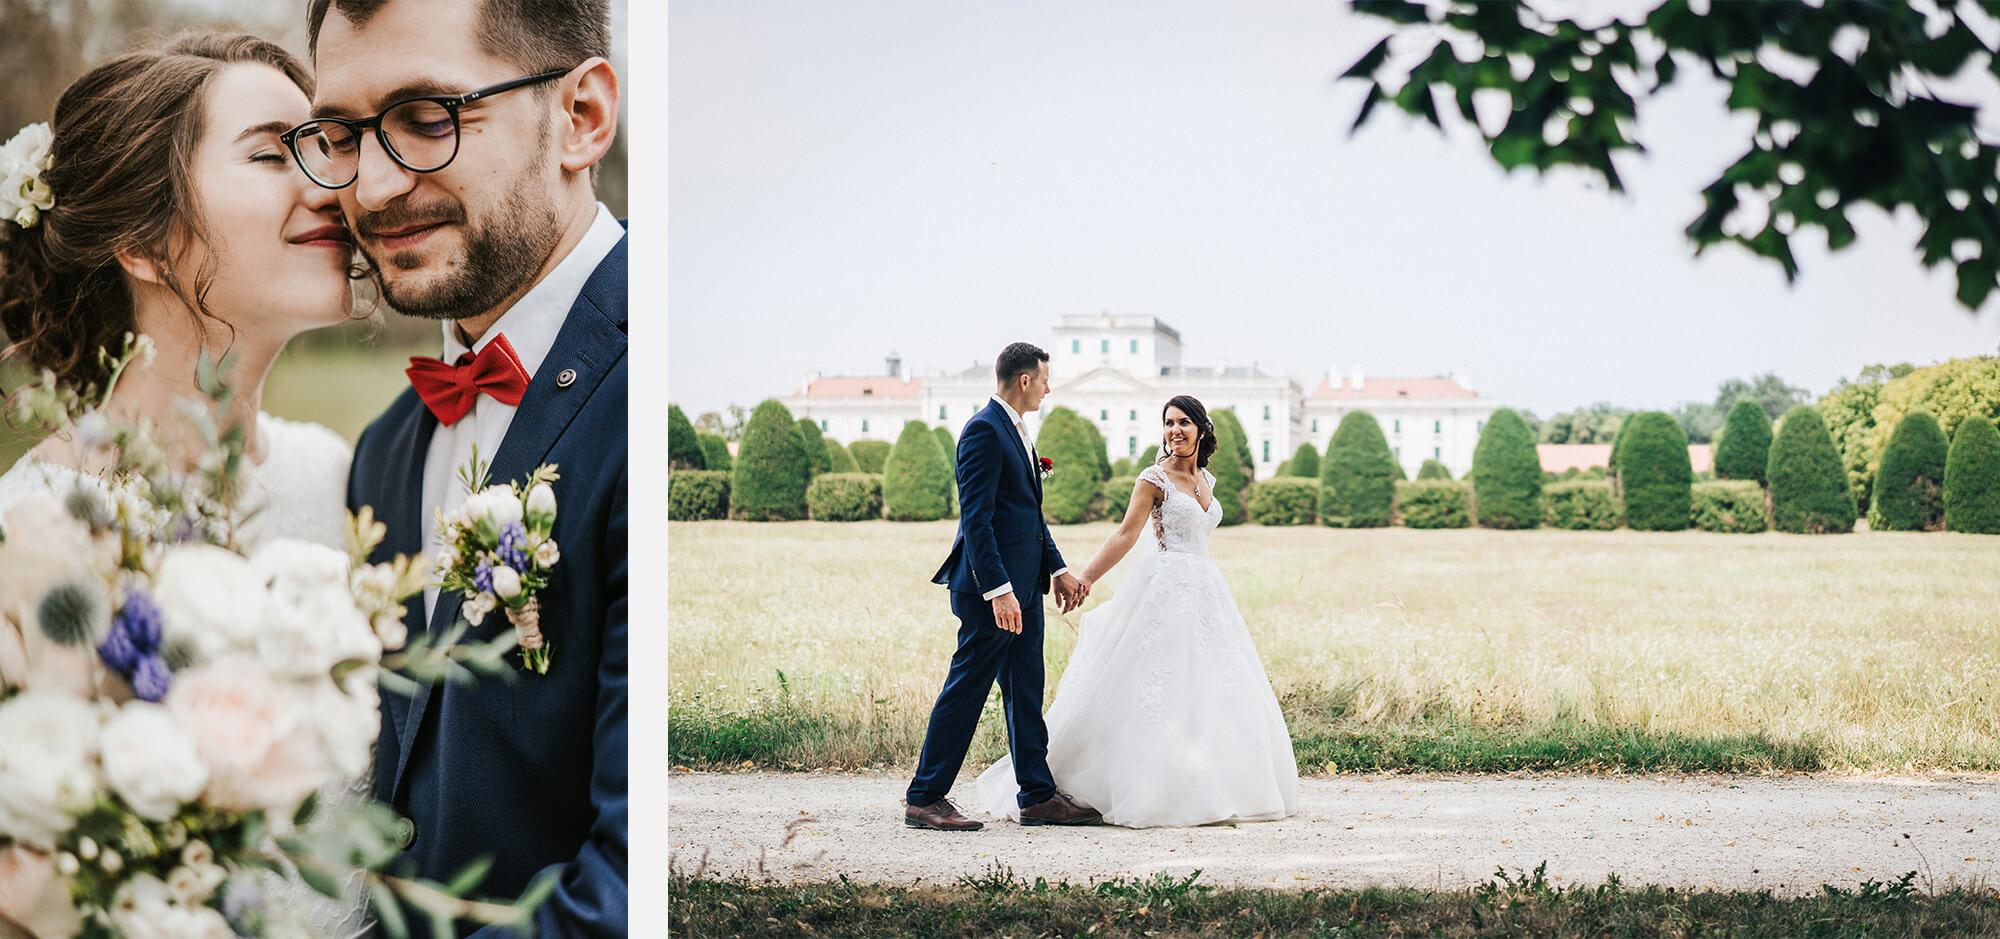 Kreatív fotózás az esküvő napján